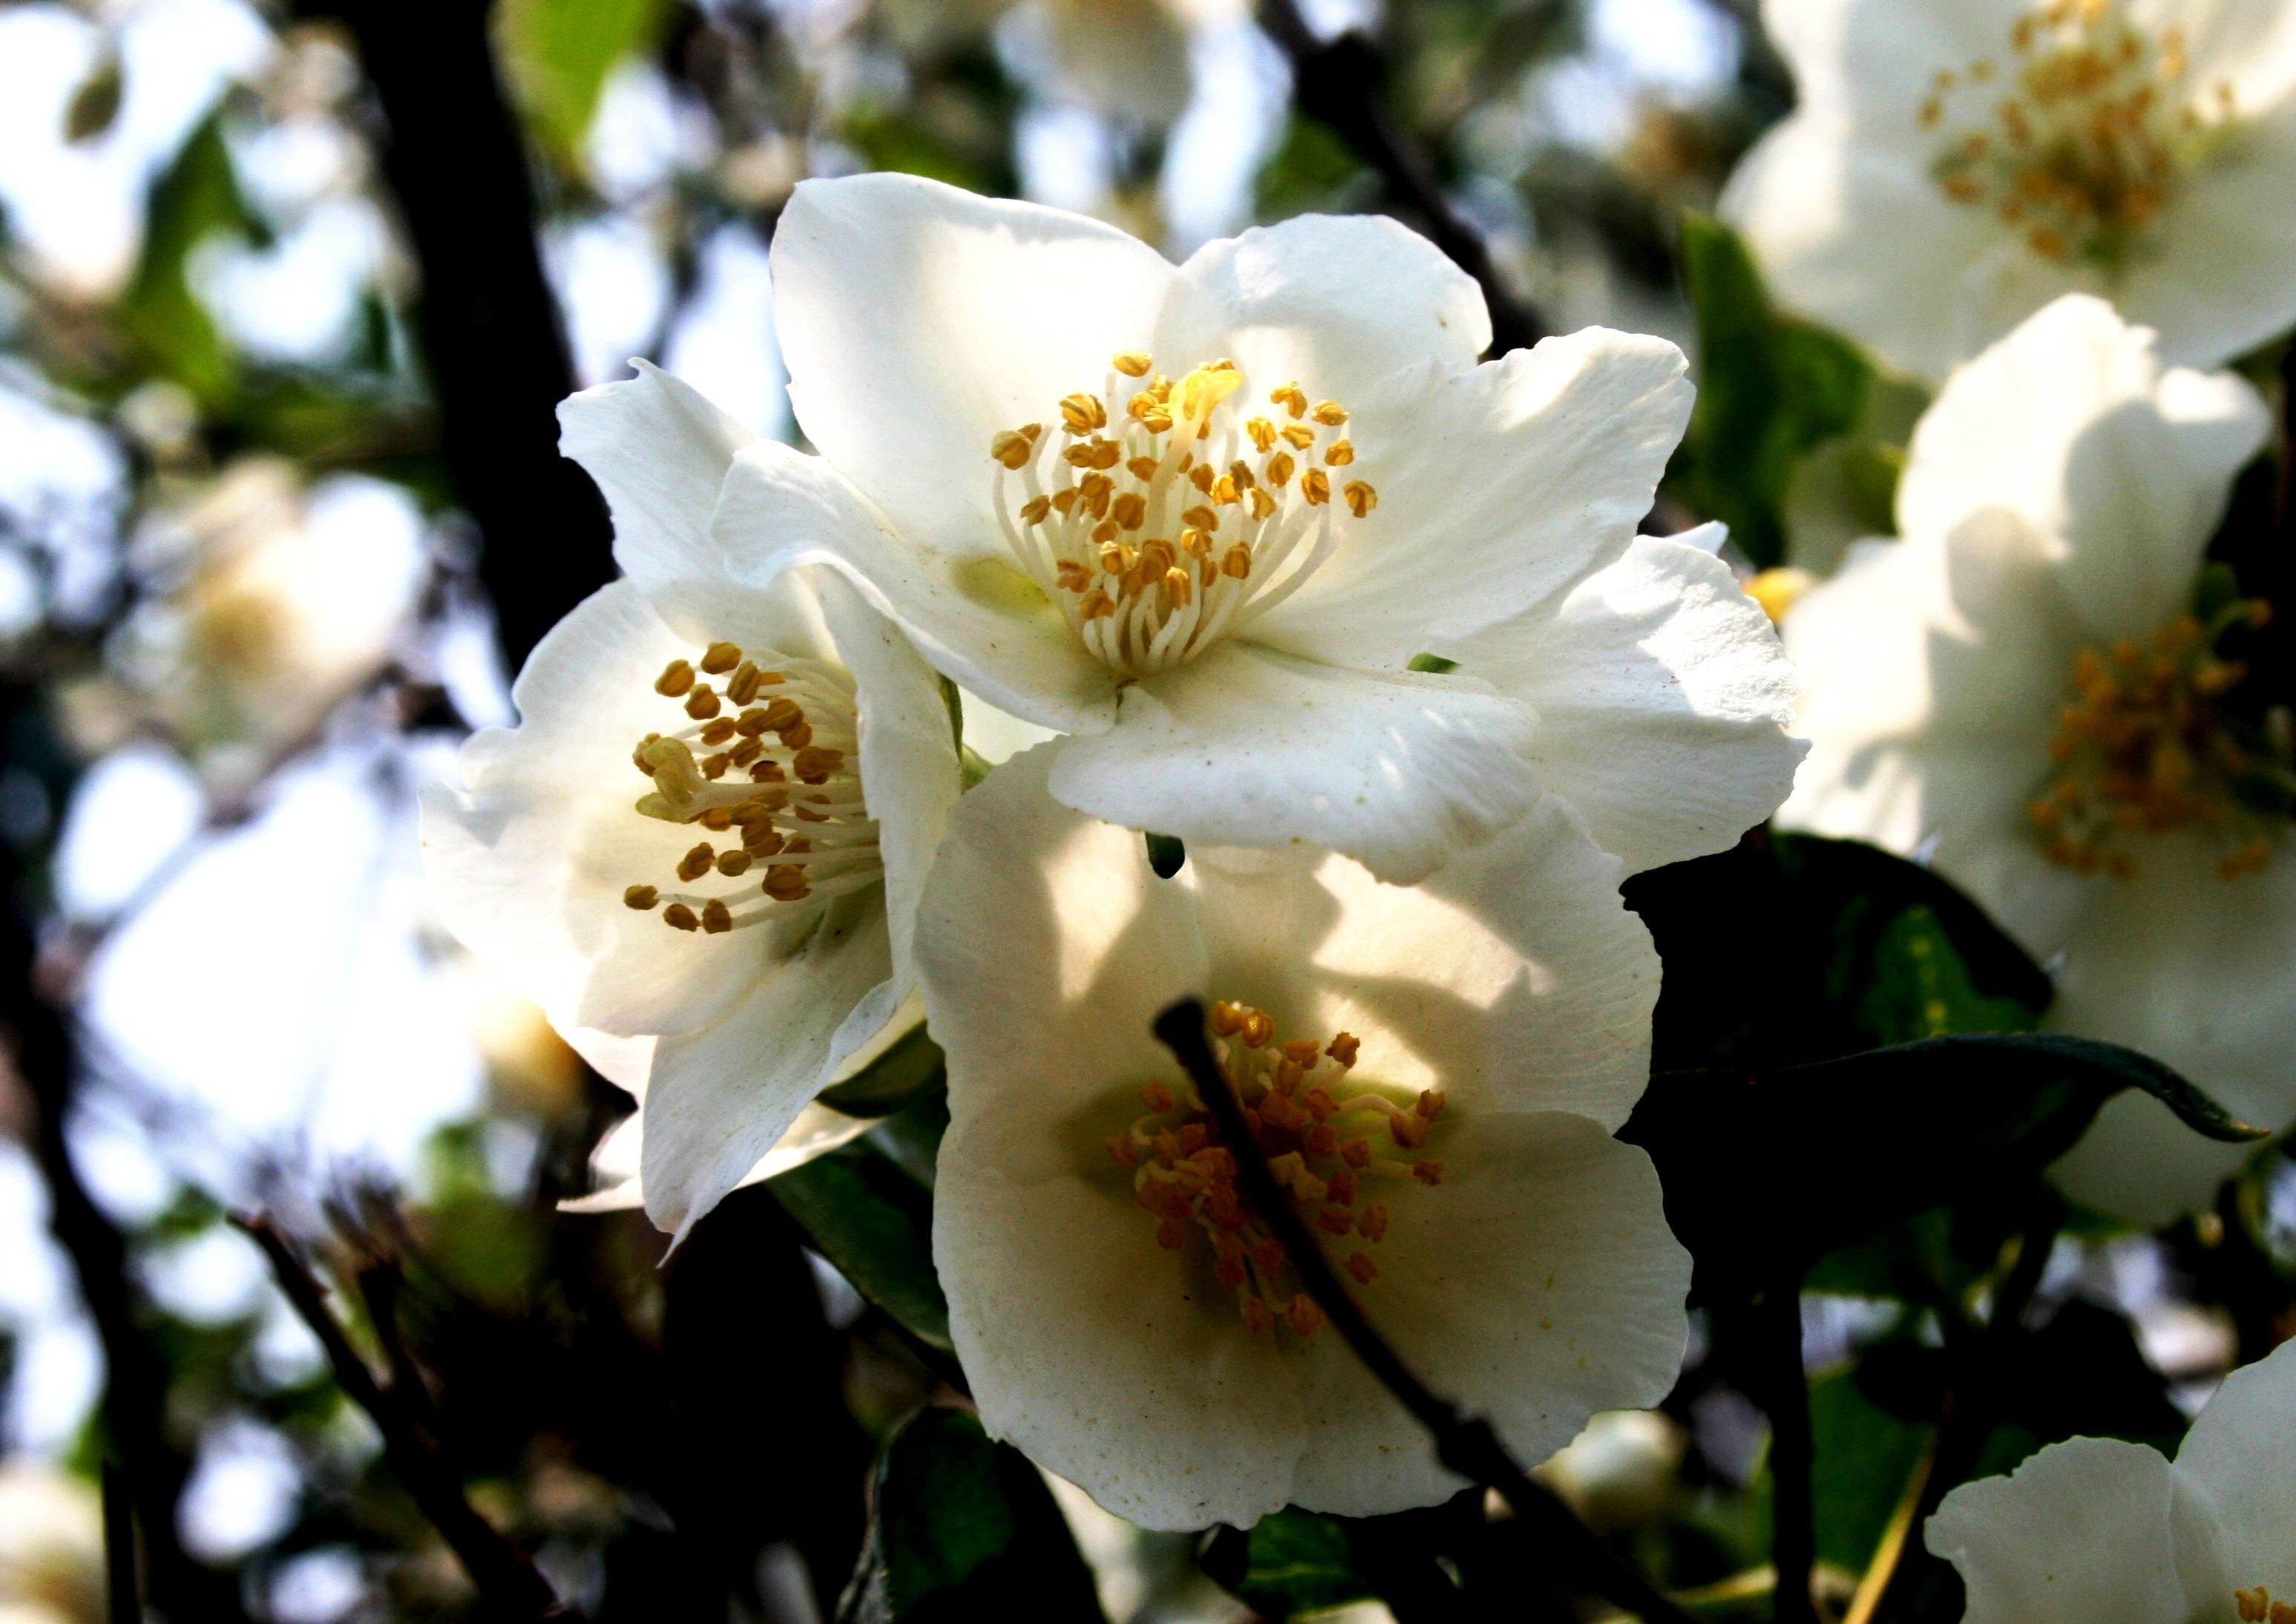 images gratuites : arbre, la nature, branche, fleur, blanc, fruit